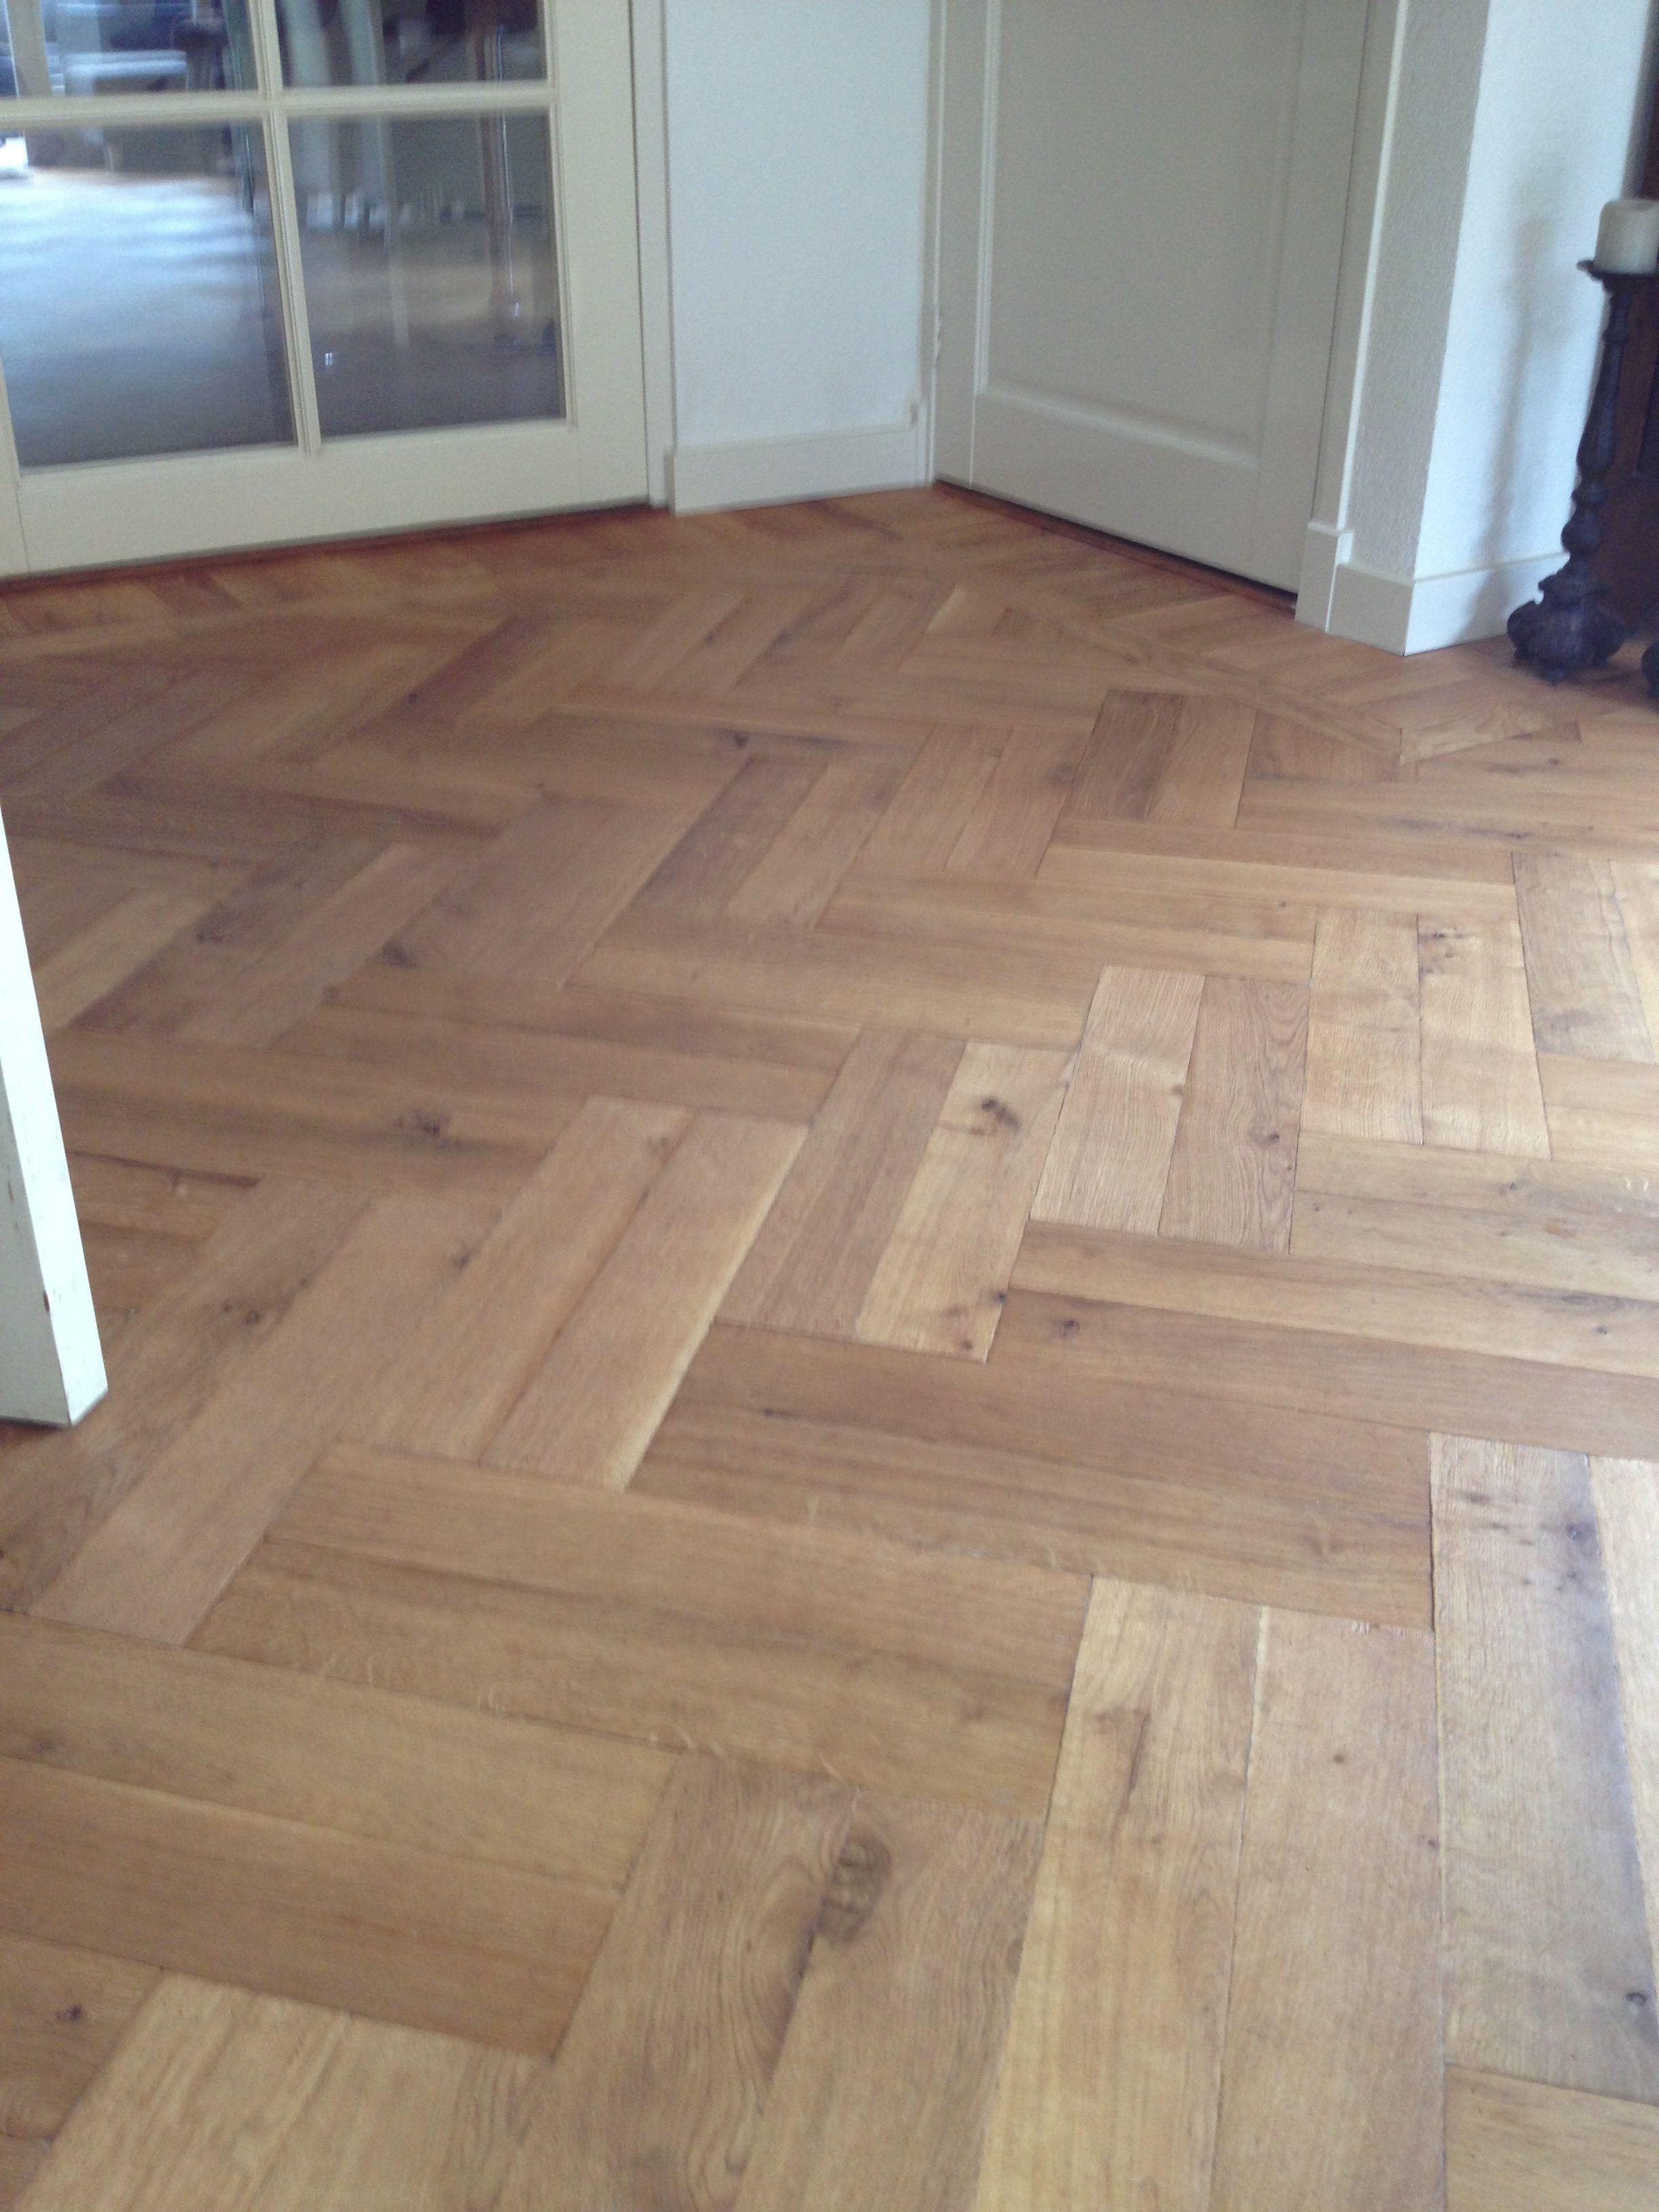 visgraat parket rustiek oldhuys vloeren houten vloeren